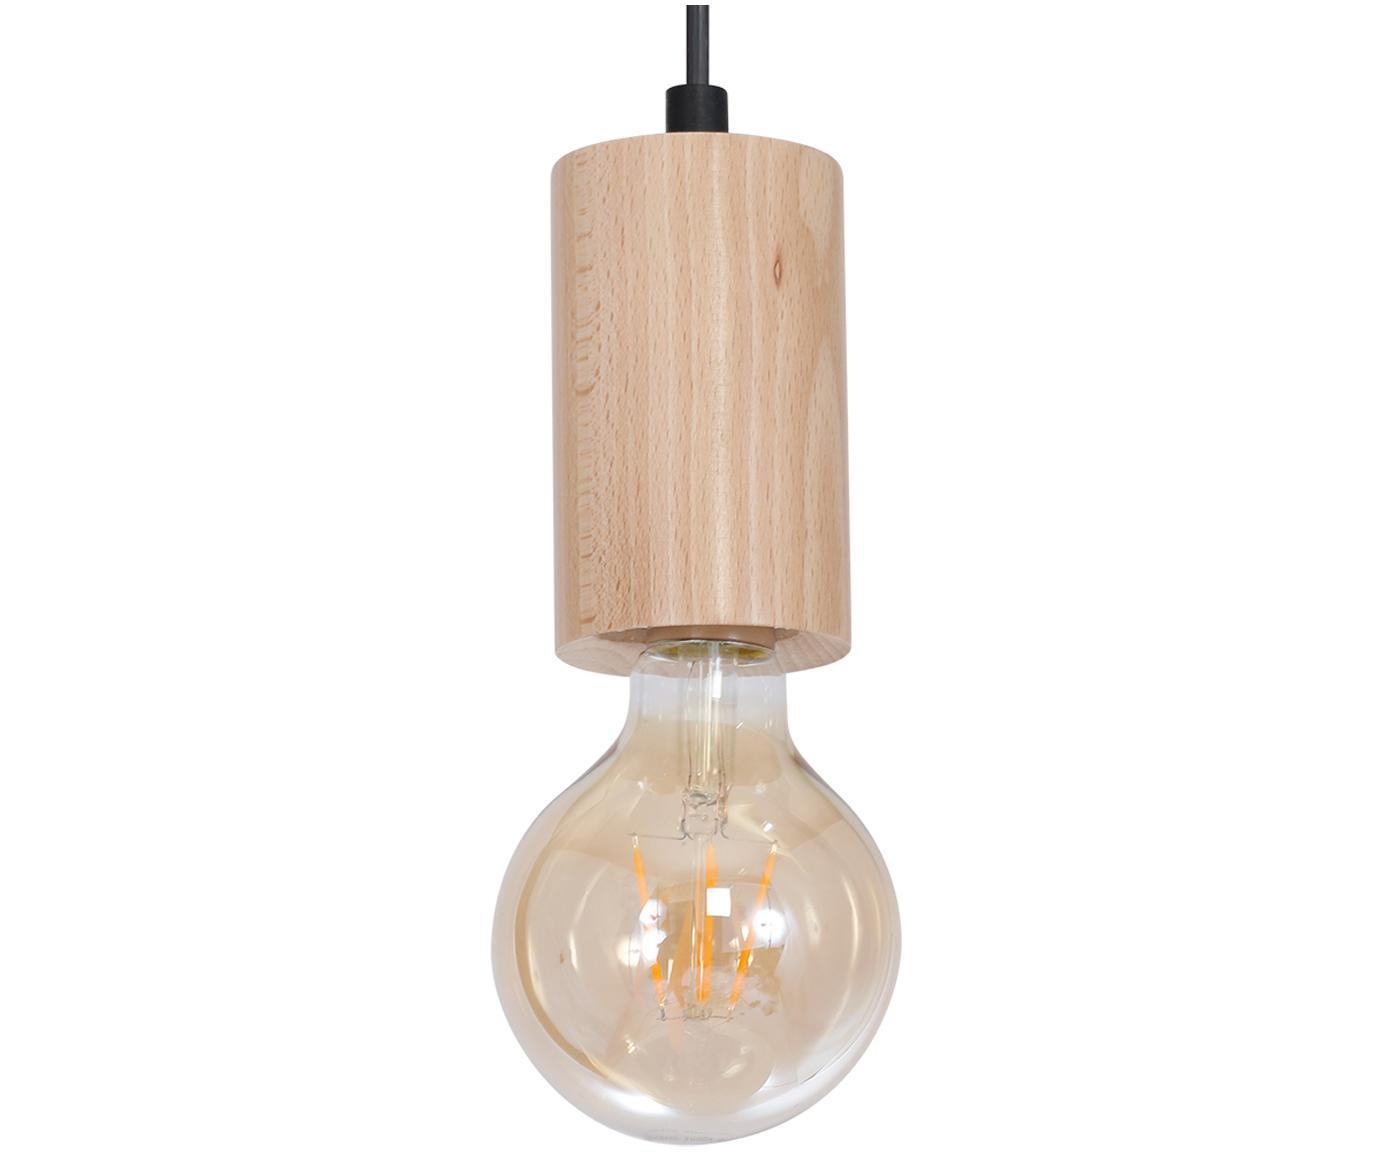 Lámpara de techo Lines, Cable: plástico, Madera, negro, Ø 6 x Al 11 cm